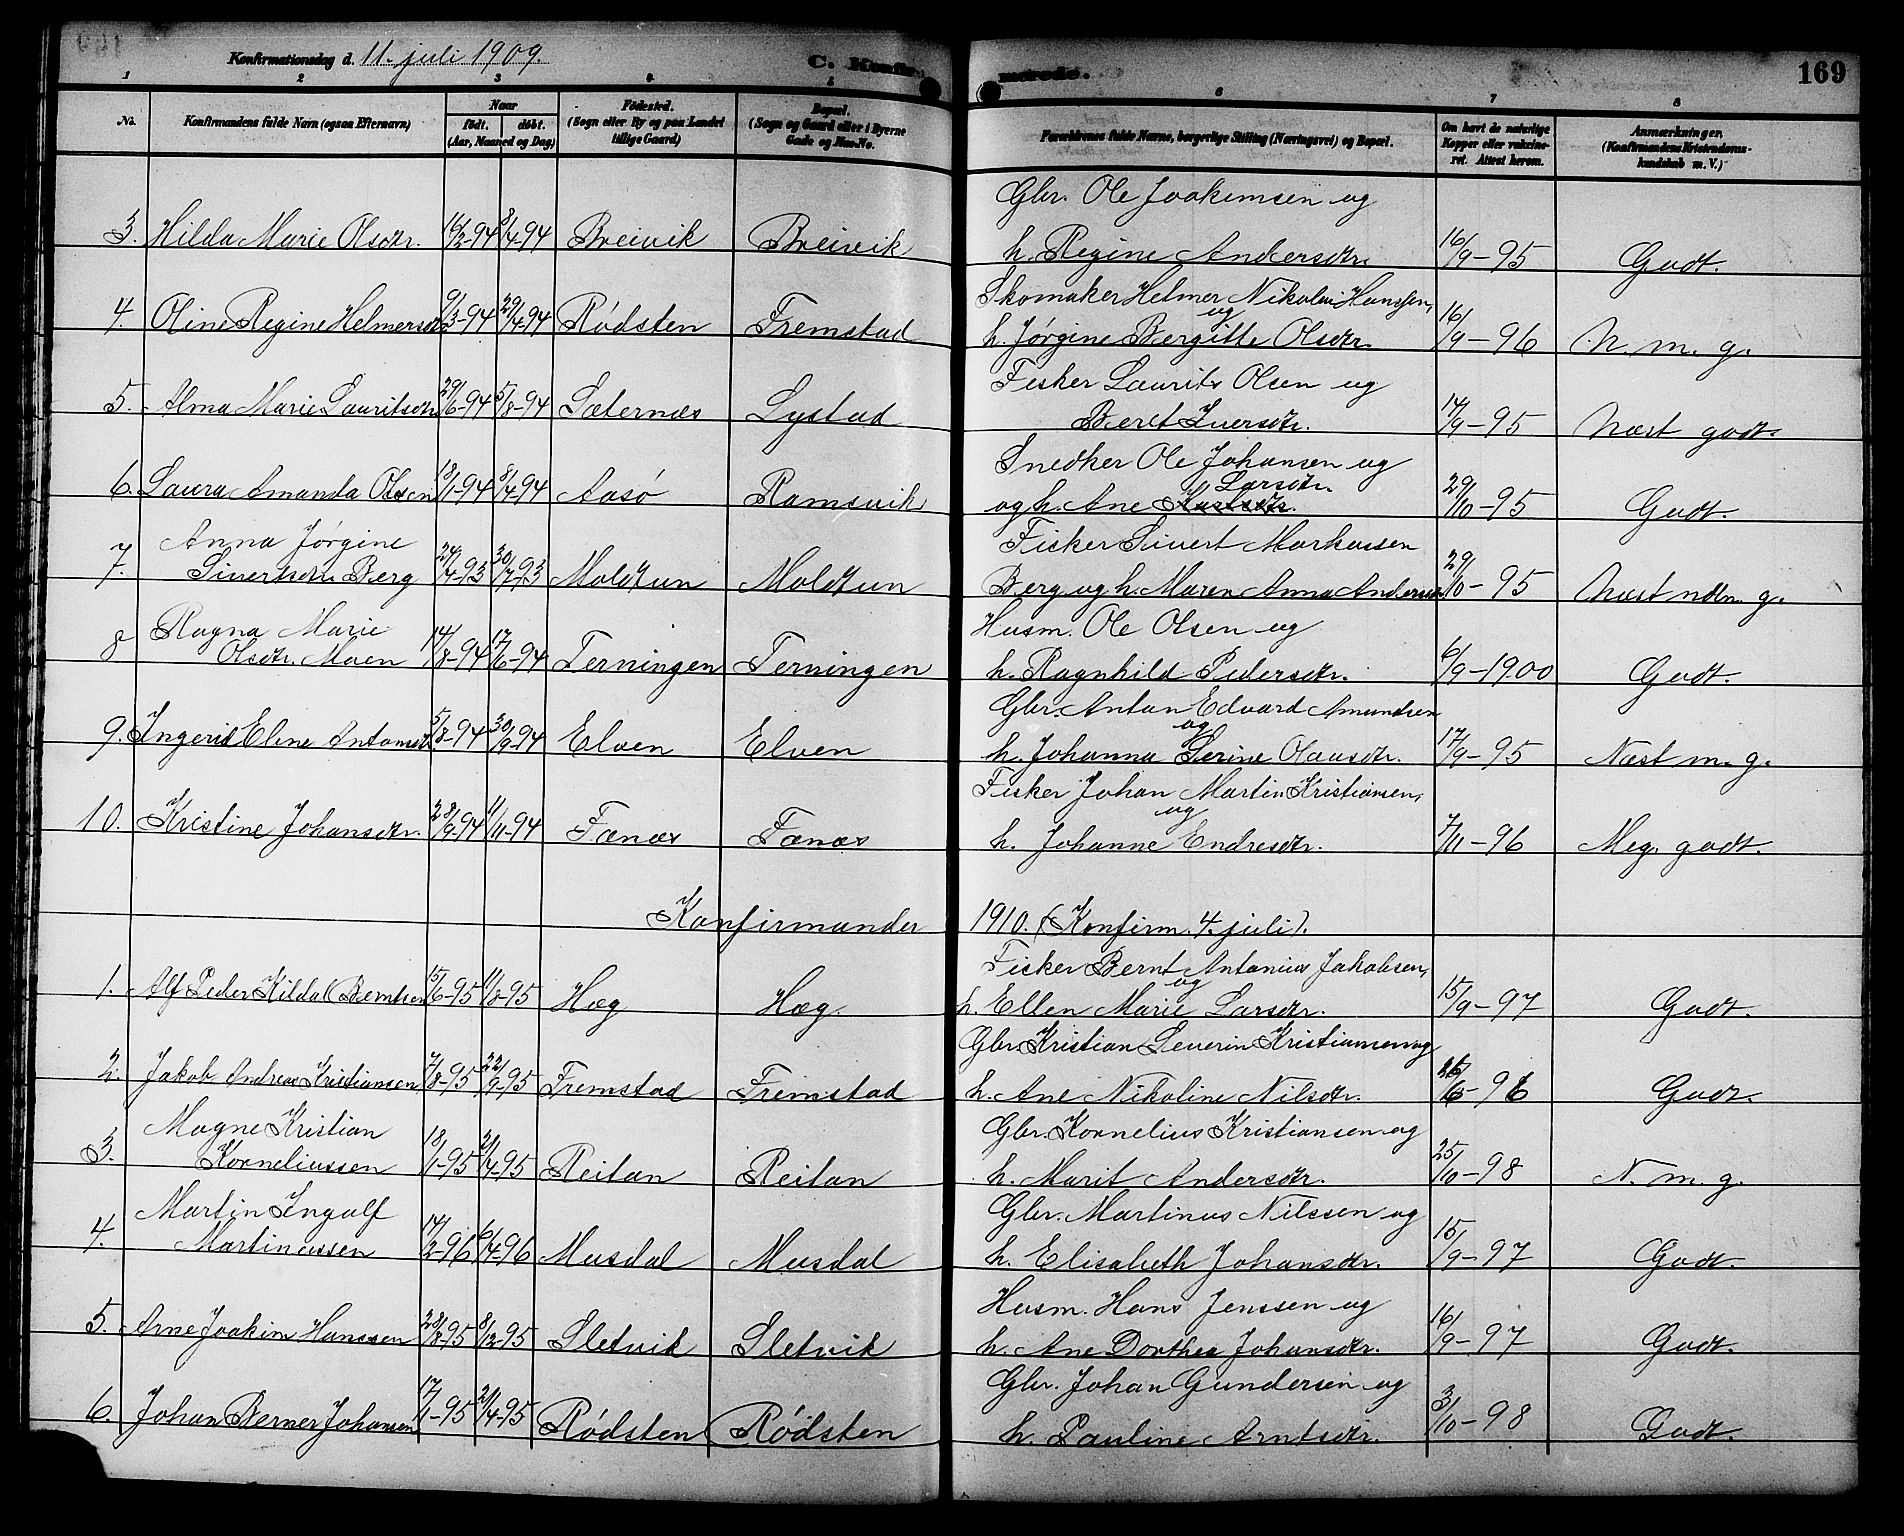 SAT, Ministerialprotokoller, klokkerbøker og fødselsregistre - Sør-Trøndelag, 662/L0757: Klokkerbok nr. 662C02, 1892-1918, s. 169